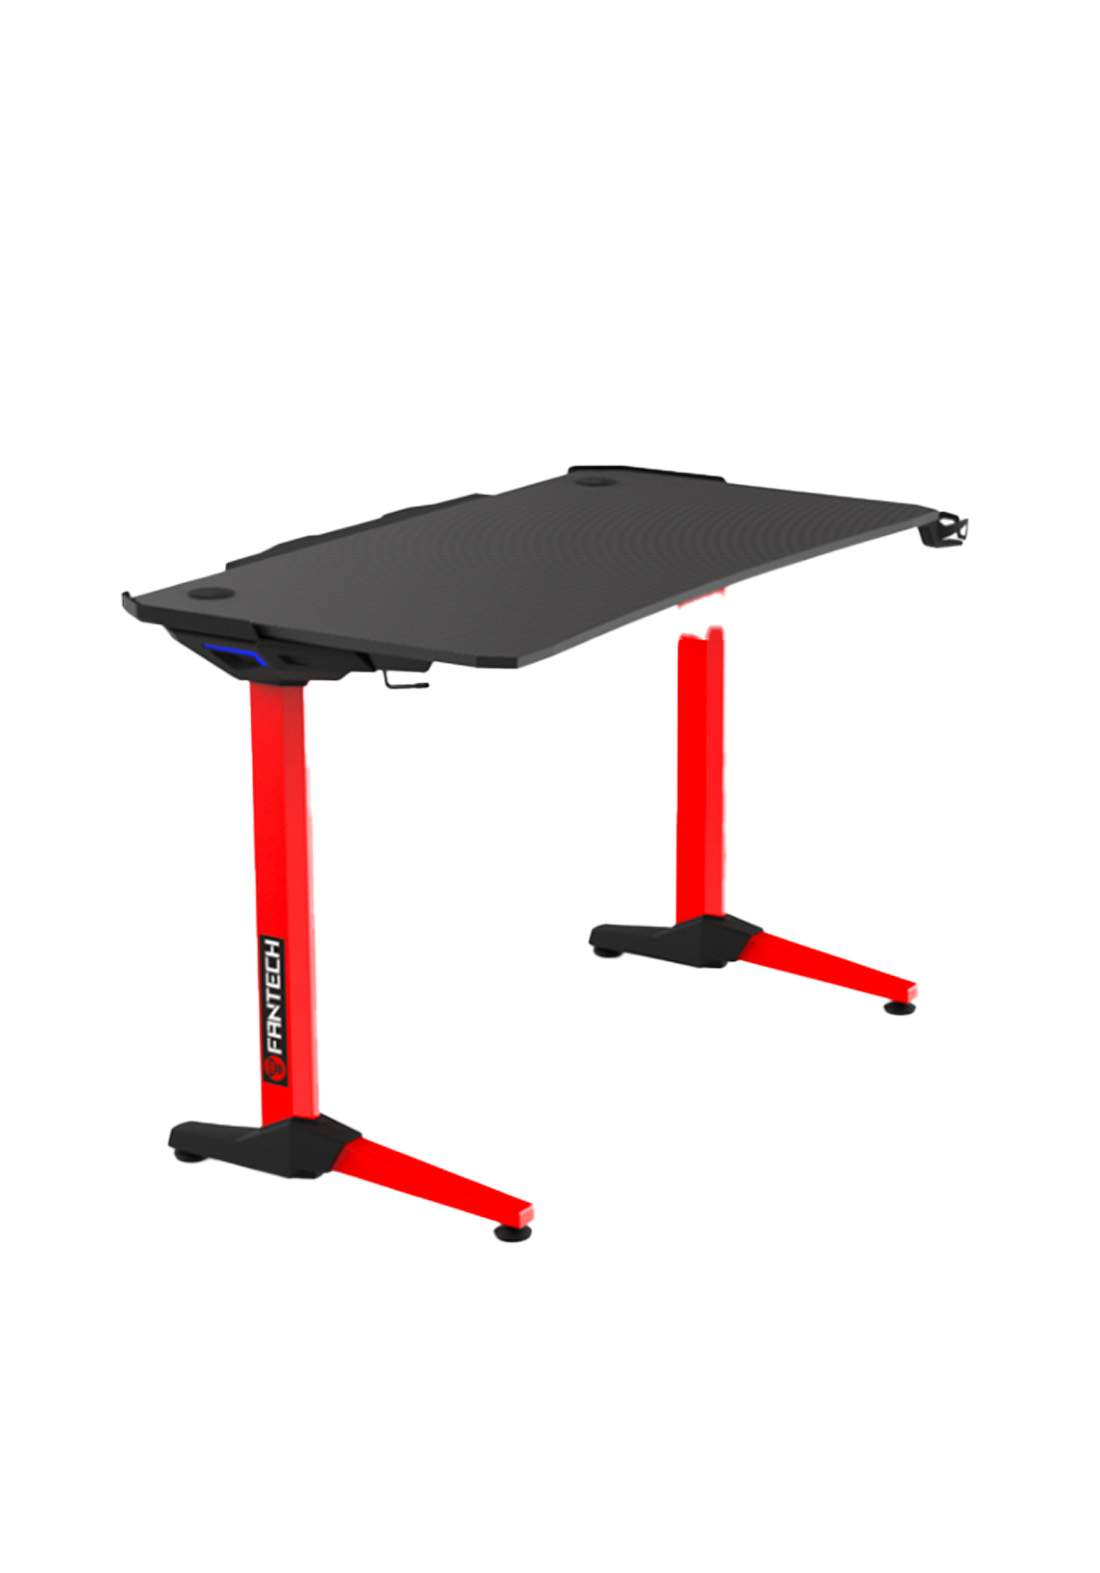 Fantech BETA GD512 Gaming Desk - Red منضدة لابتوب